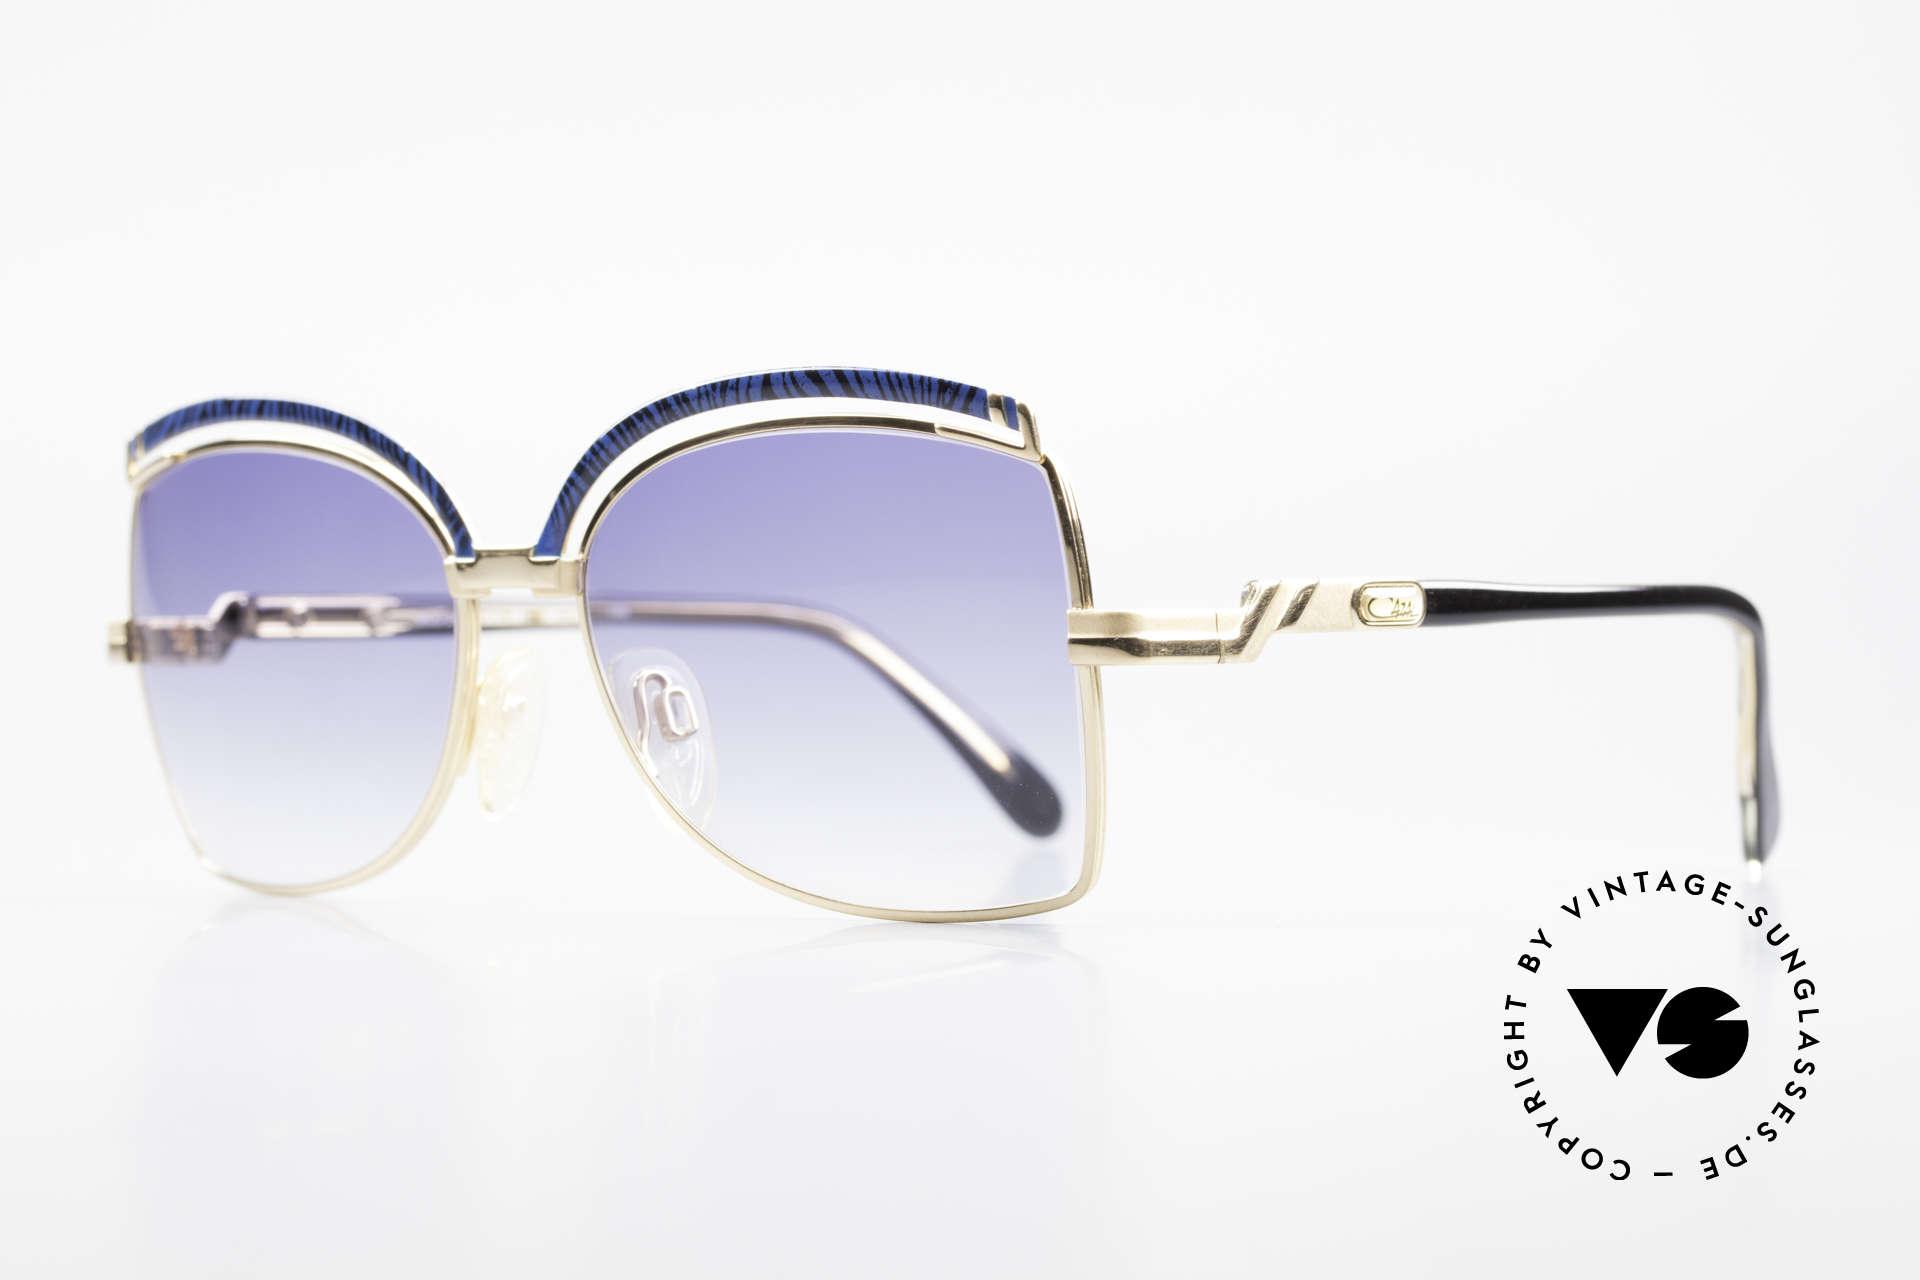 Cazal 240 90er Damen Sonnenbrille, tolle Rahmenkonstruktionen mit edlen Farben, Passend für Damen